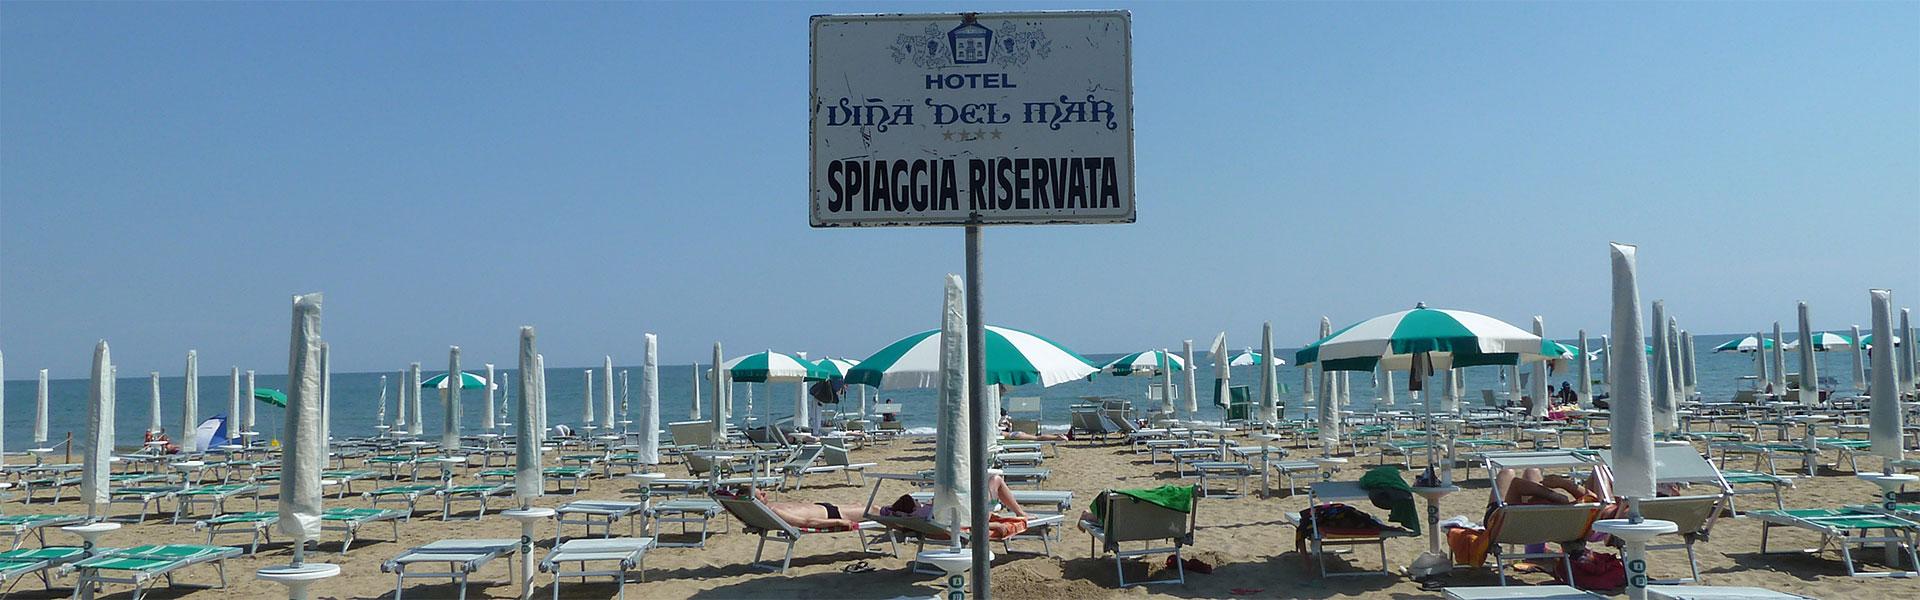 jesolo-hotel-4-stelle-fronte-mare